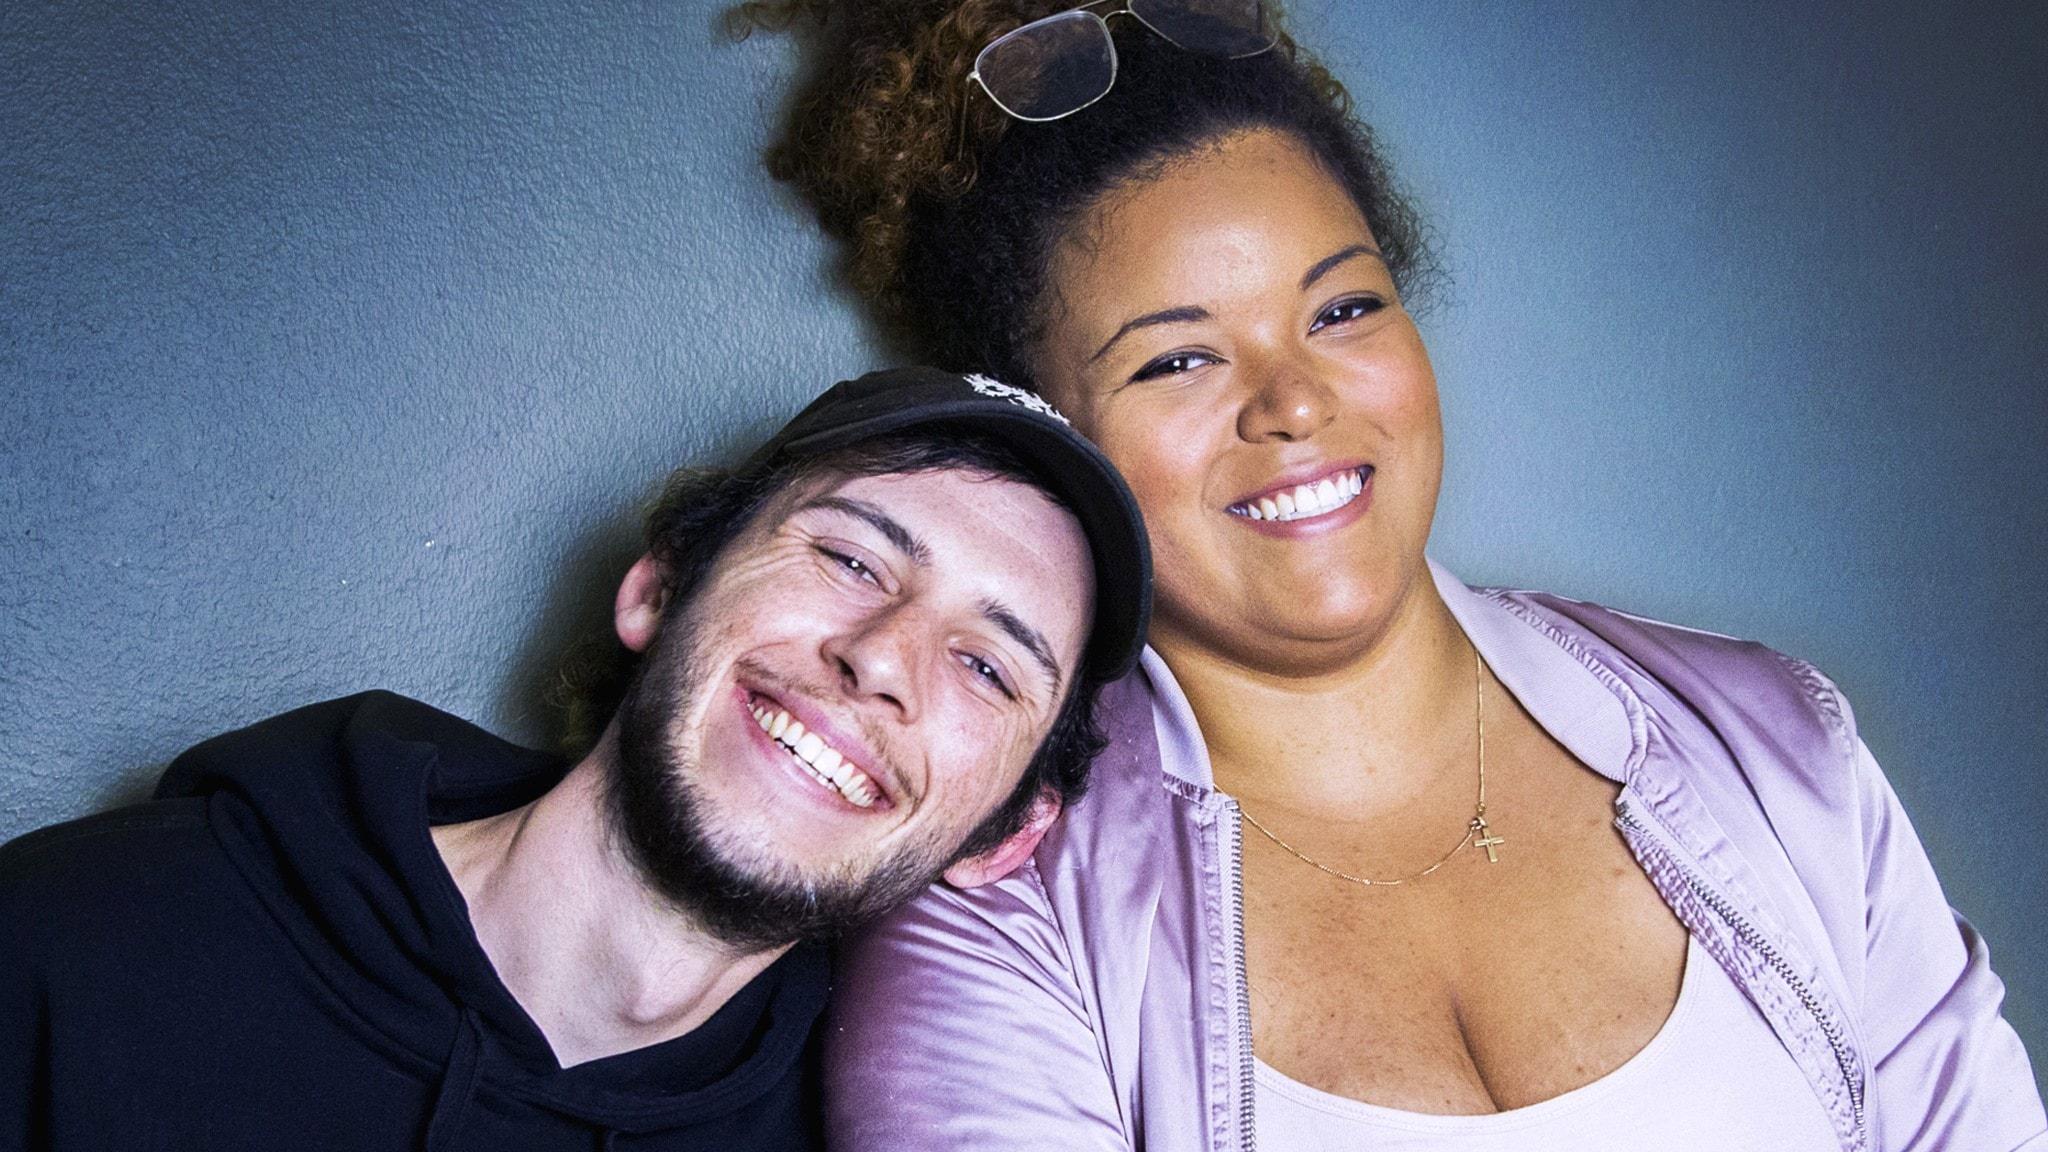 Jacob och Amanda pratar om kroppskomplex och ideal i Ligga med P3.